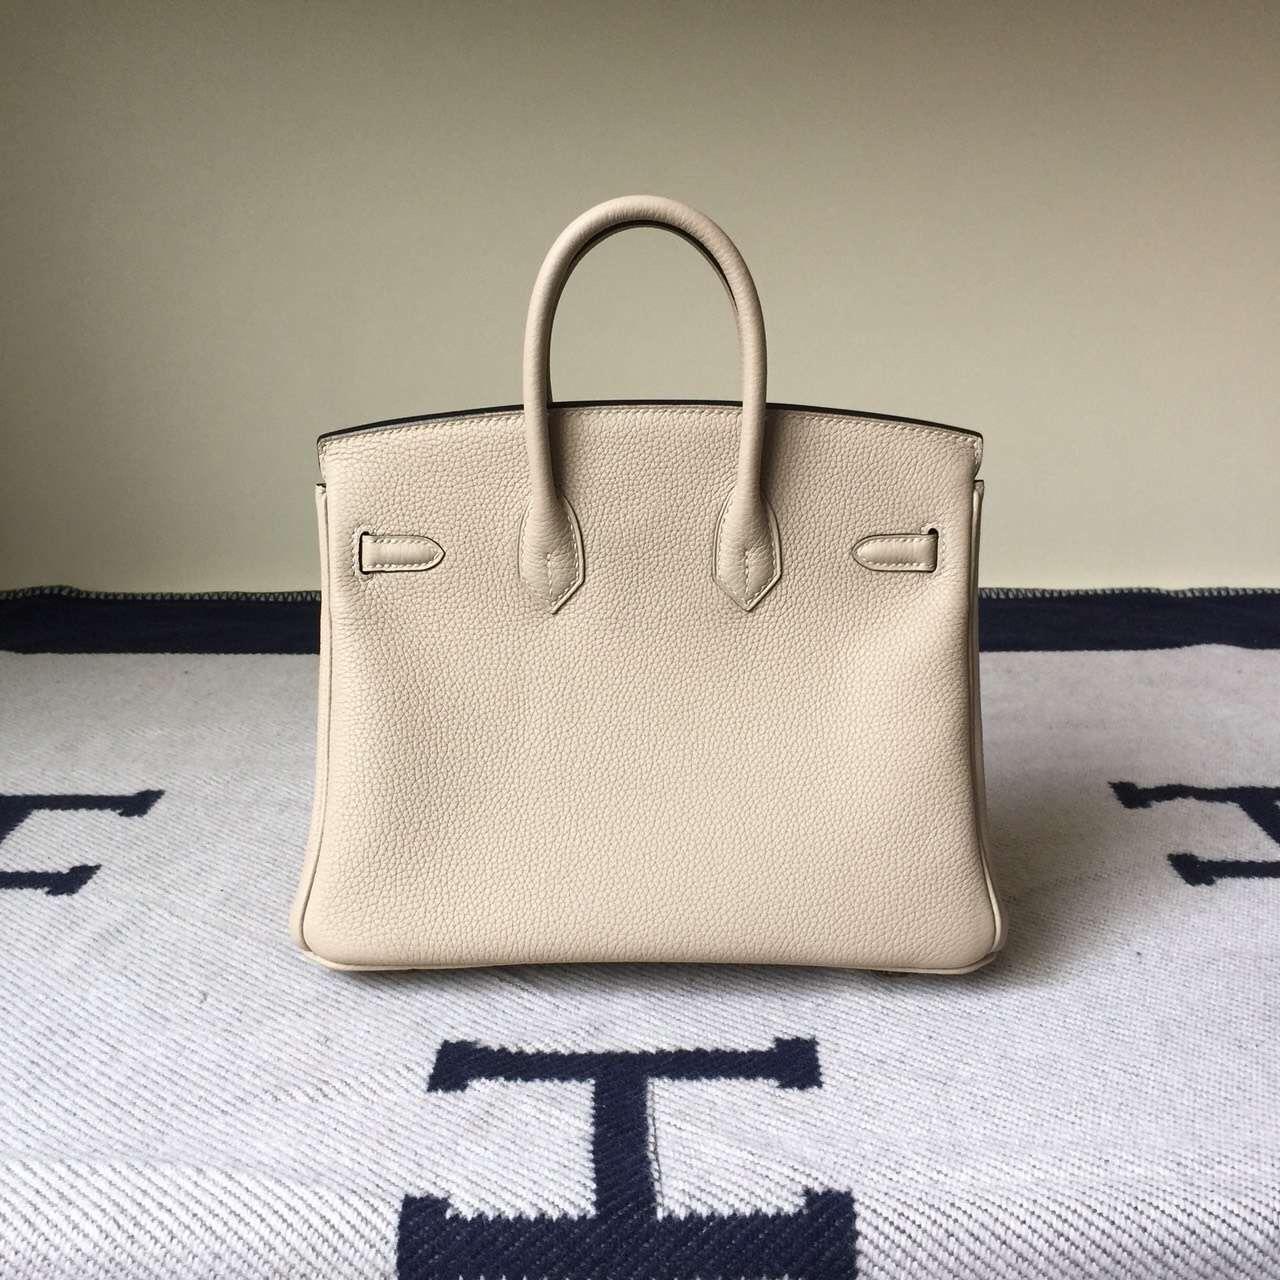 High Quality Hermes Gris Tourterelle Togo Leather Birkin Bag 25cm